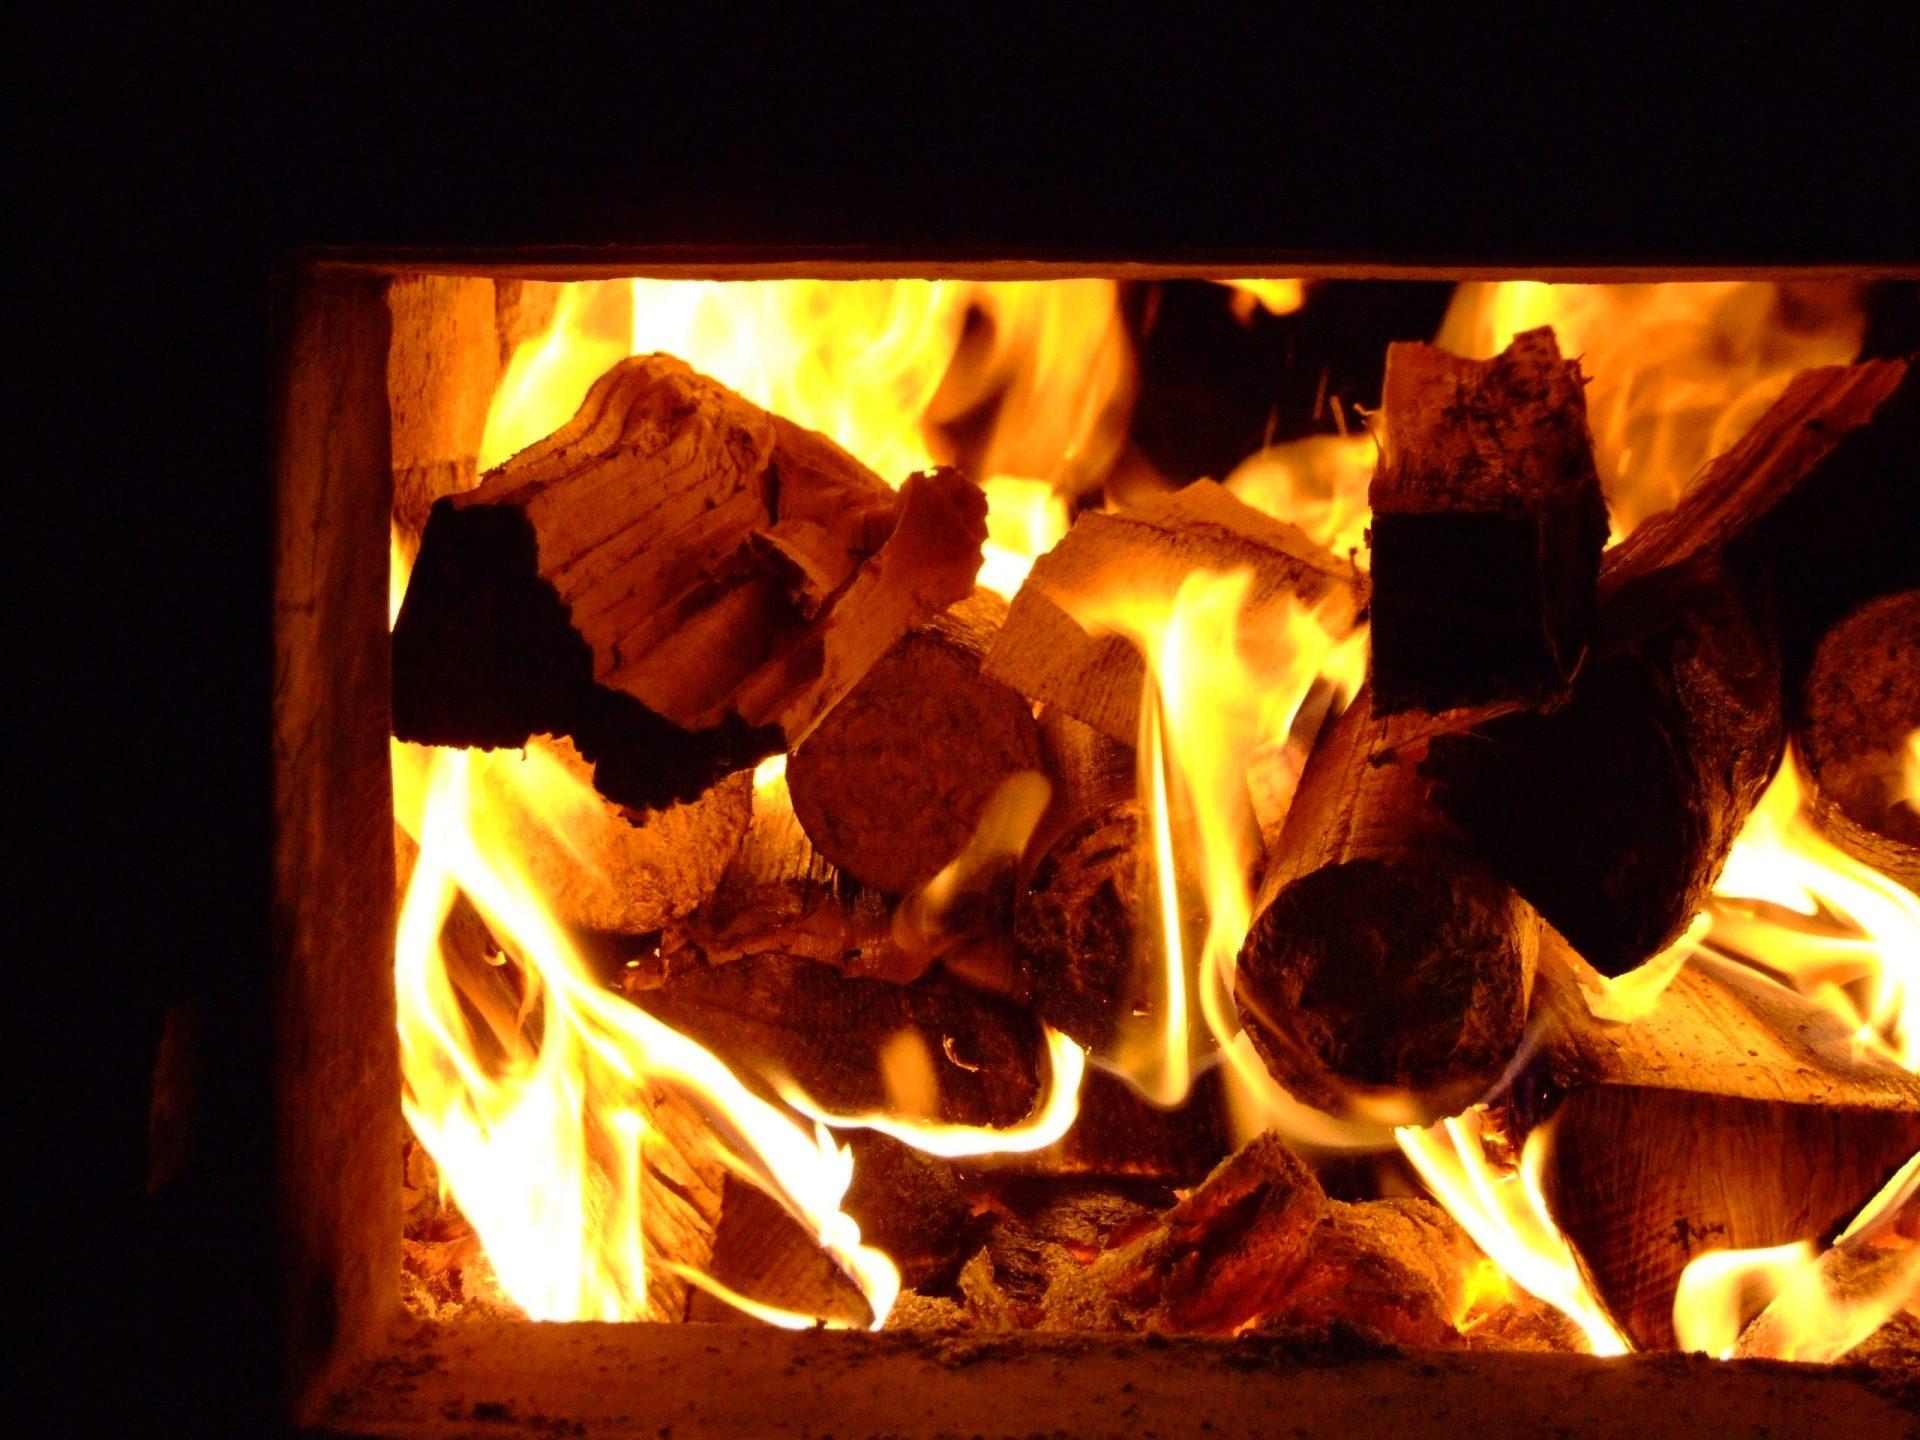 panificio-astori-forno-legna